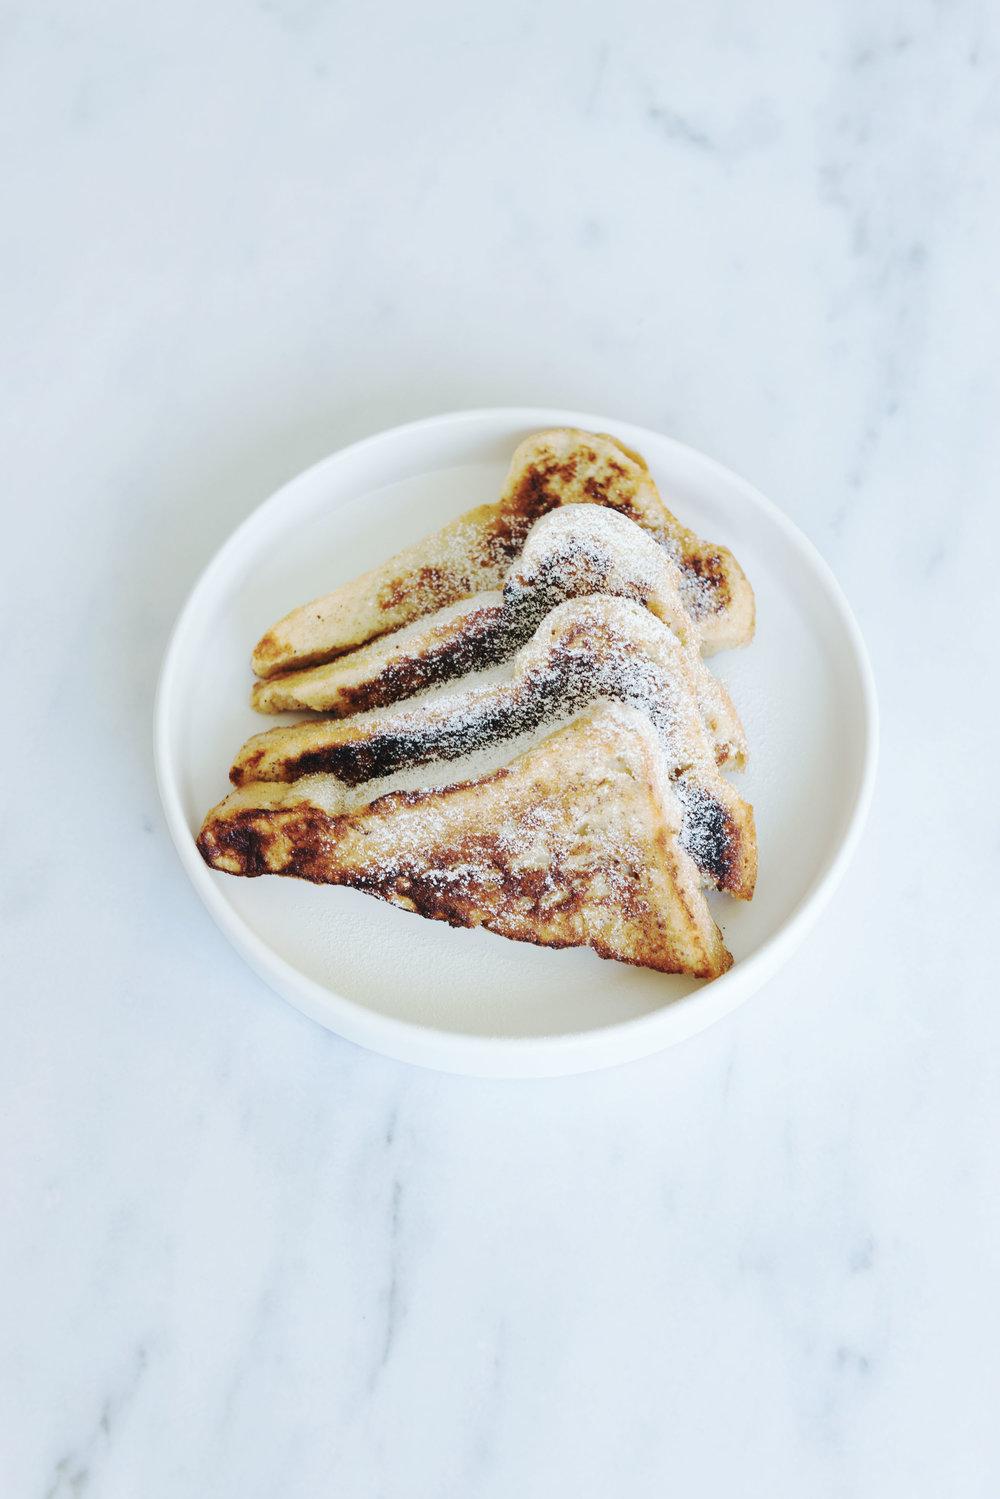 ragnhild-utne-utnephoto-eatbud-eat-bud-food-blog-french-toast-recipe-7.jpg